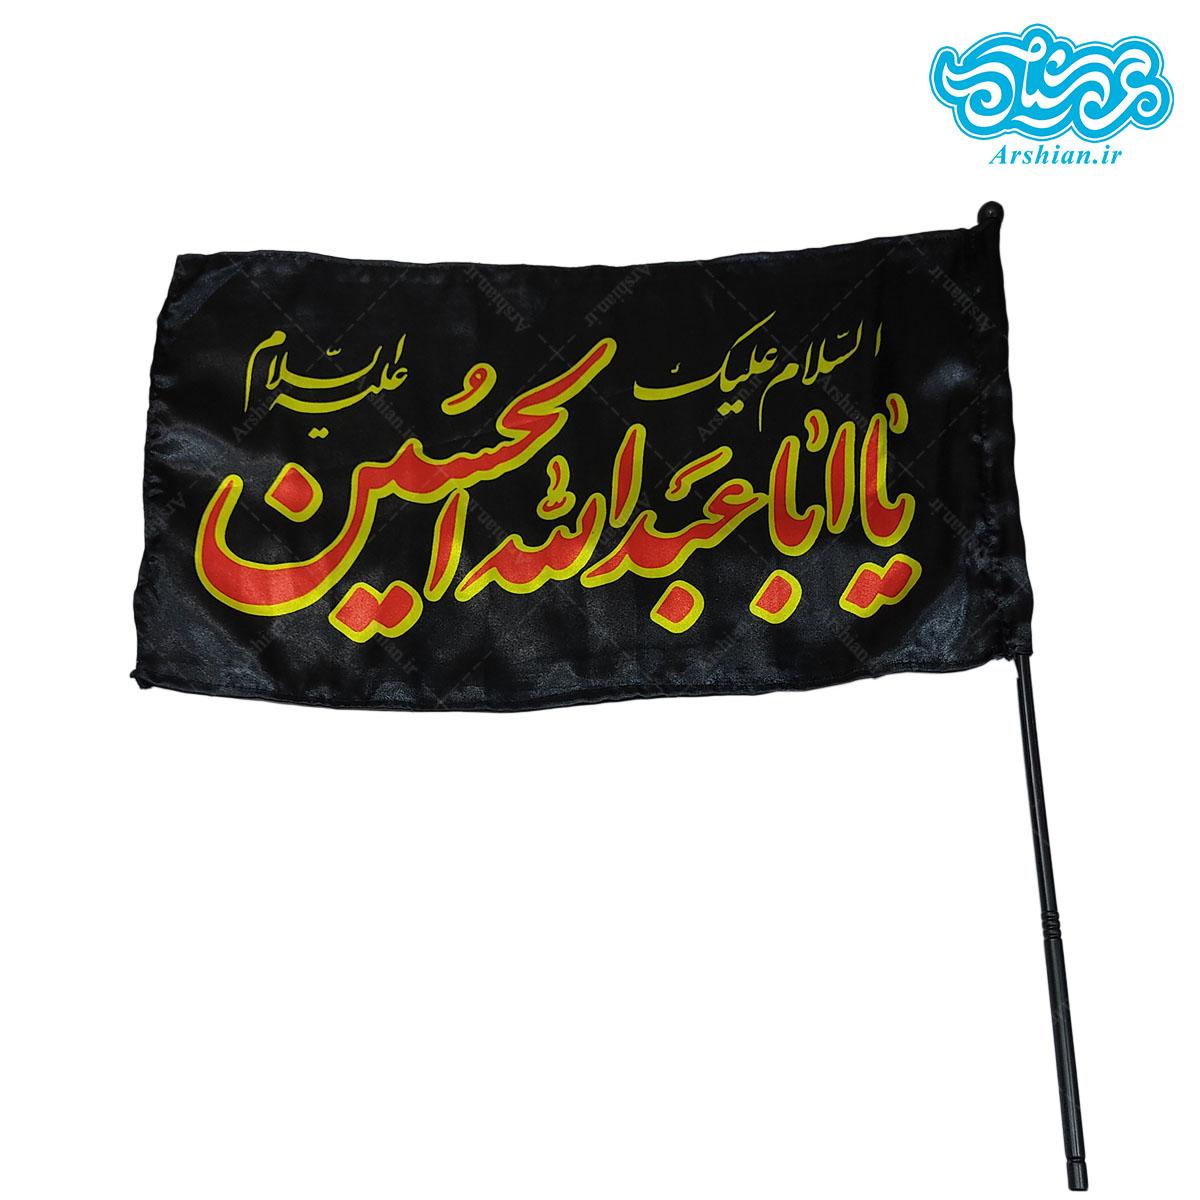 پرچم دستی یااباعبدالله الحسین کد 001